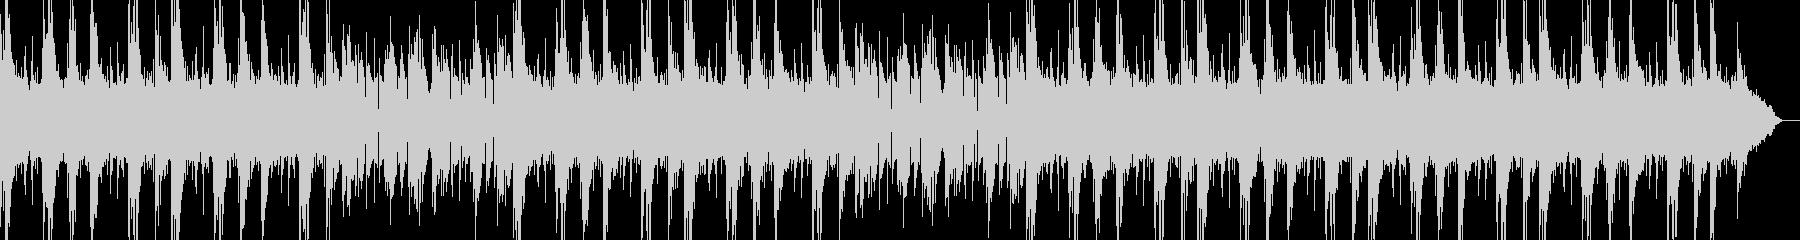 長めアンビエントバンドループBPM118の未再生の波形